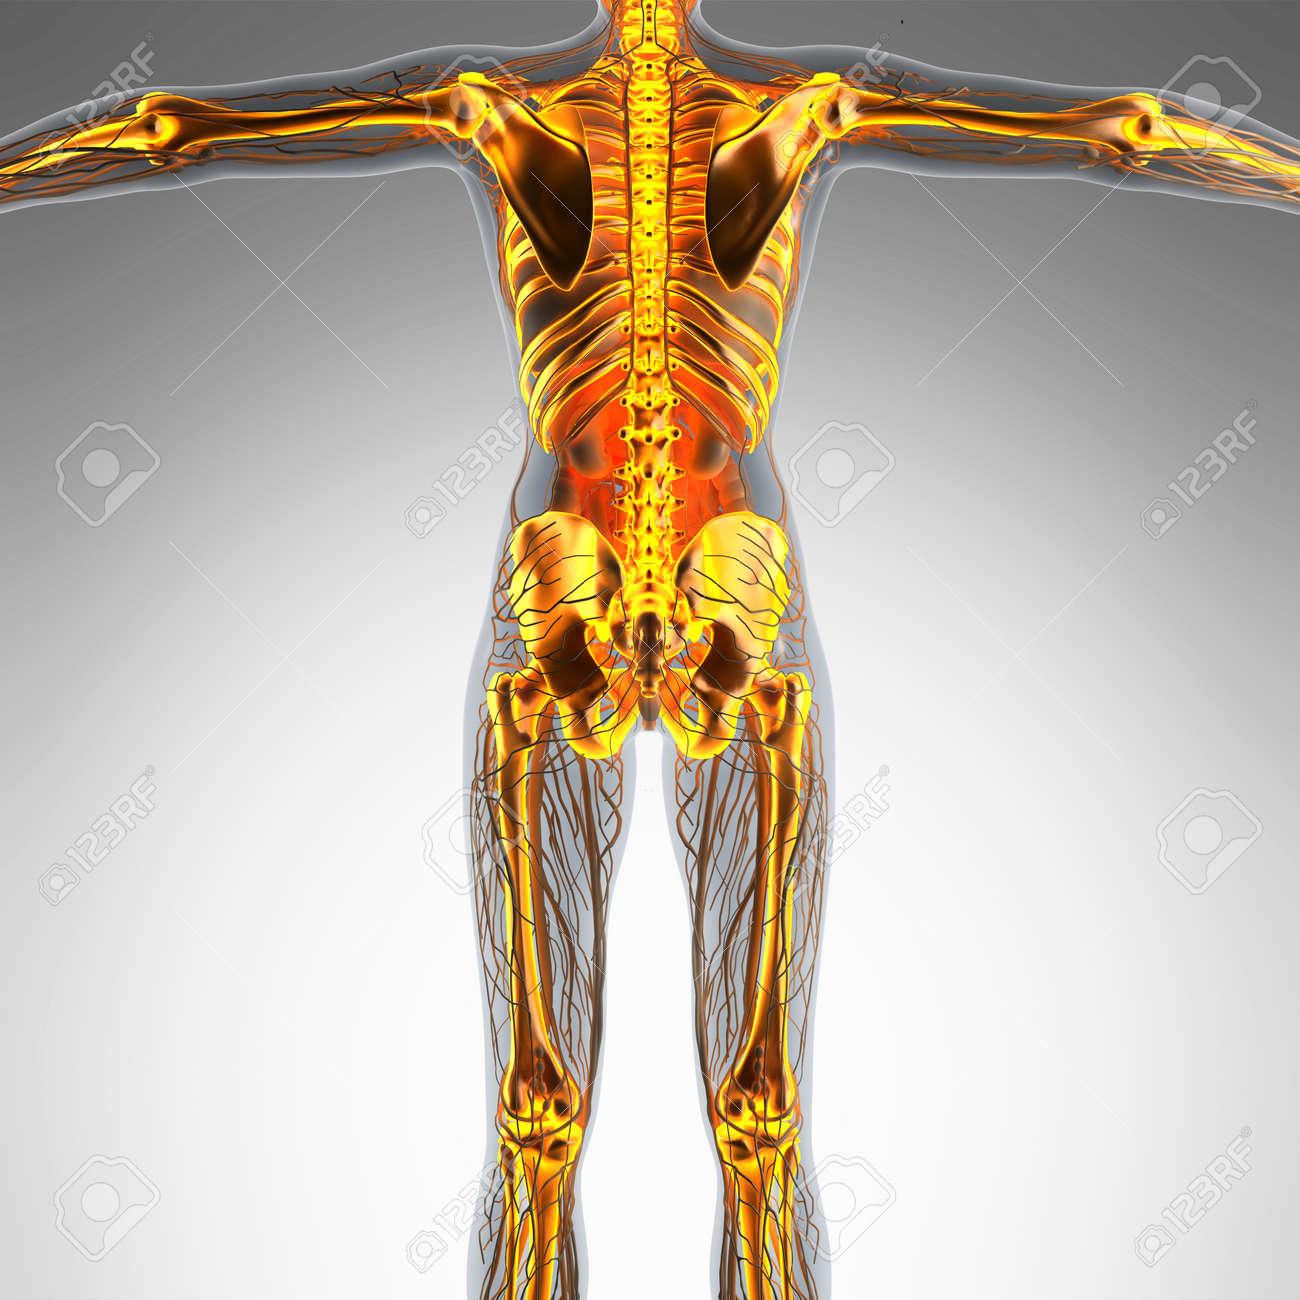 Großartig Skelett System Des Menschlichen Körpers Anatomie Ideen ...